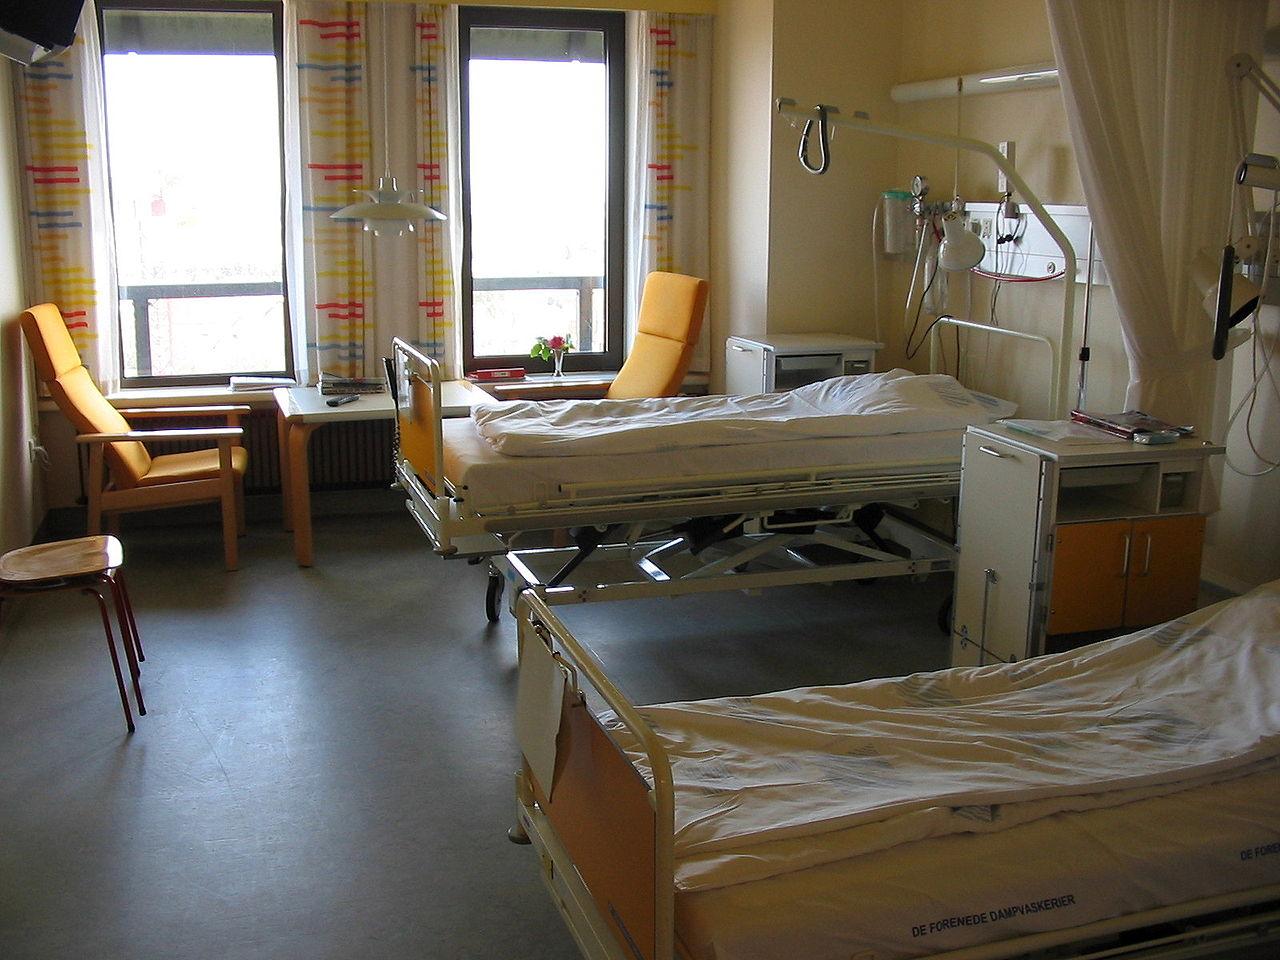 【高齢者の長期入院費用】病室料金の自己負担分は重いけど、若い人の長期入院の方がダメージは大きい